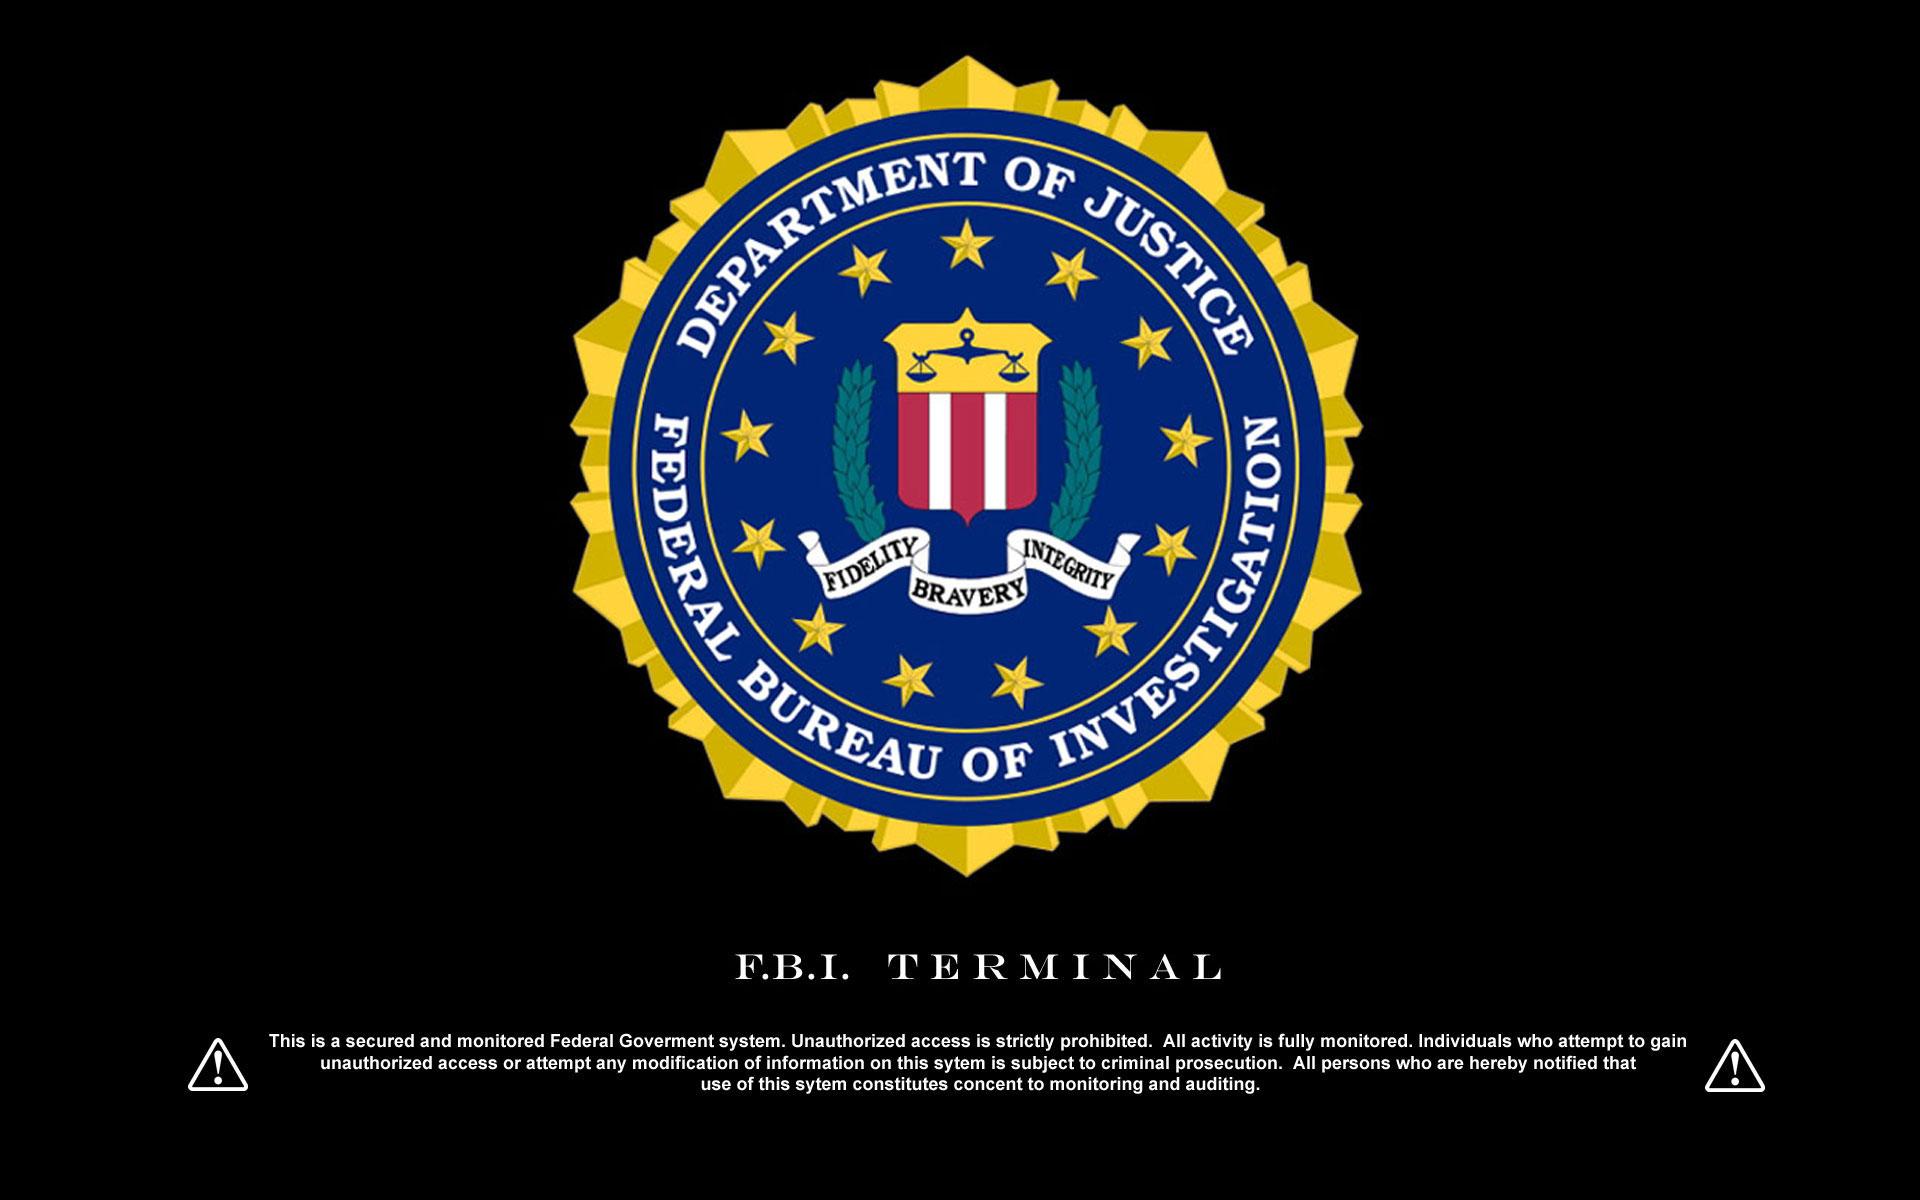 FBI Logo with Terminal warning Wallpapers 1920x1200